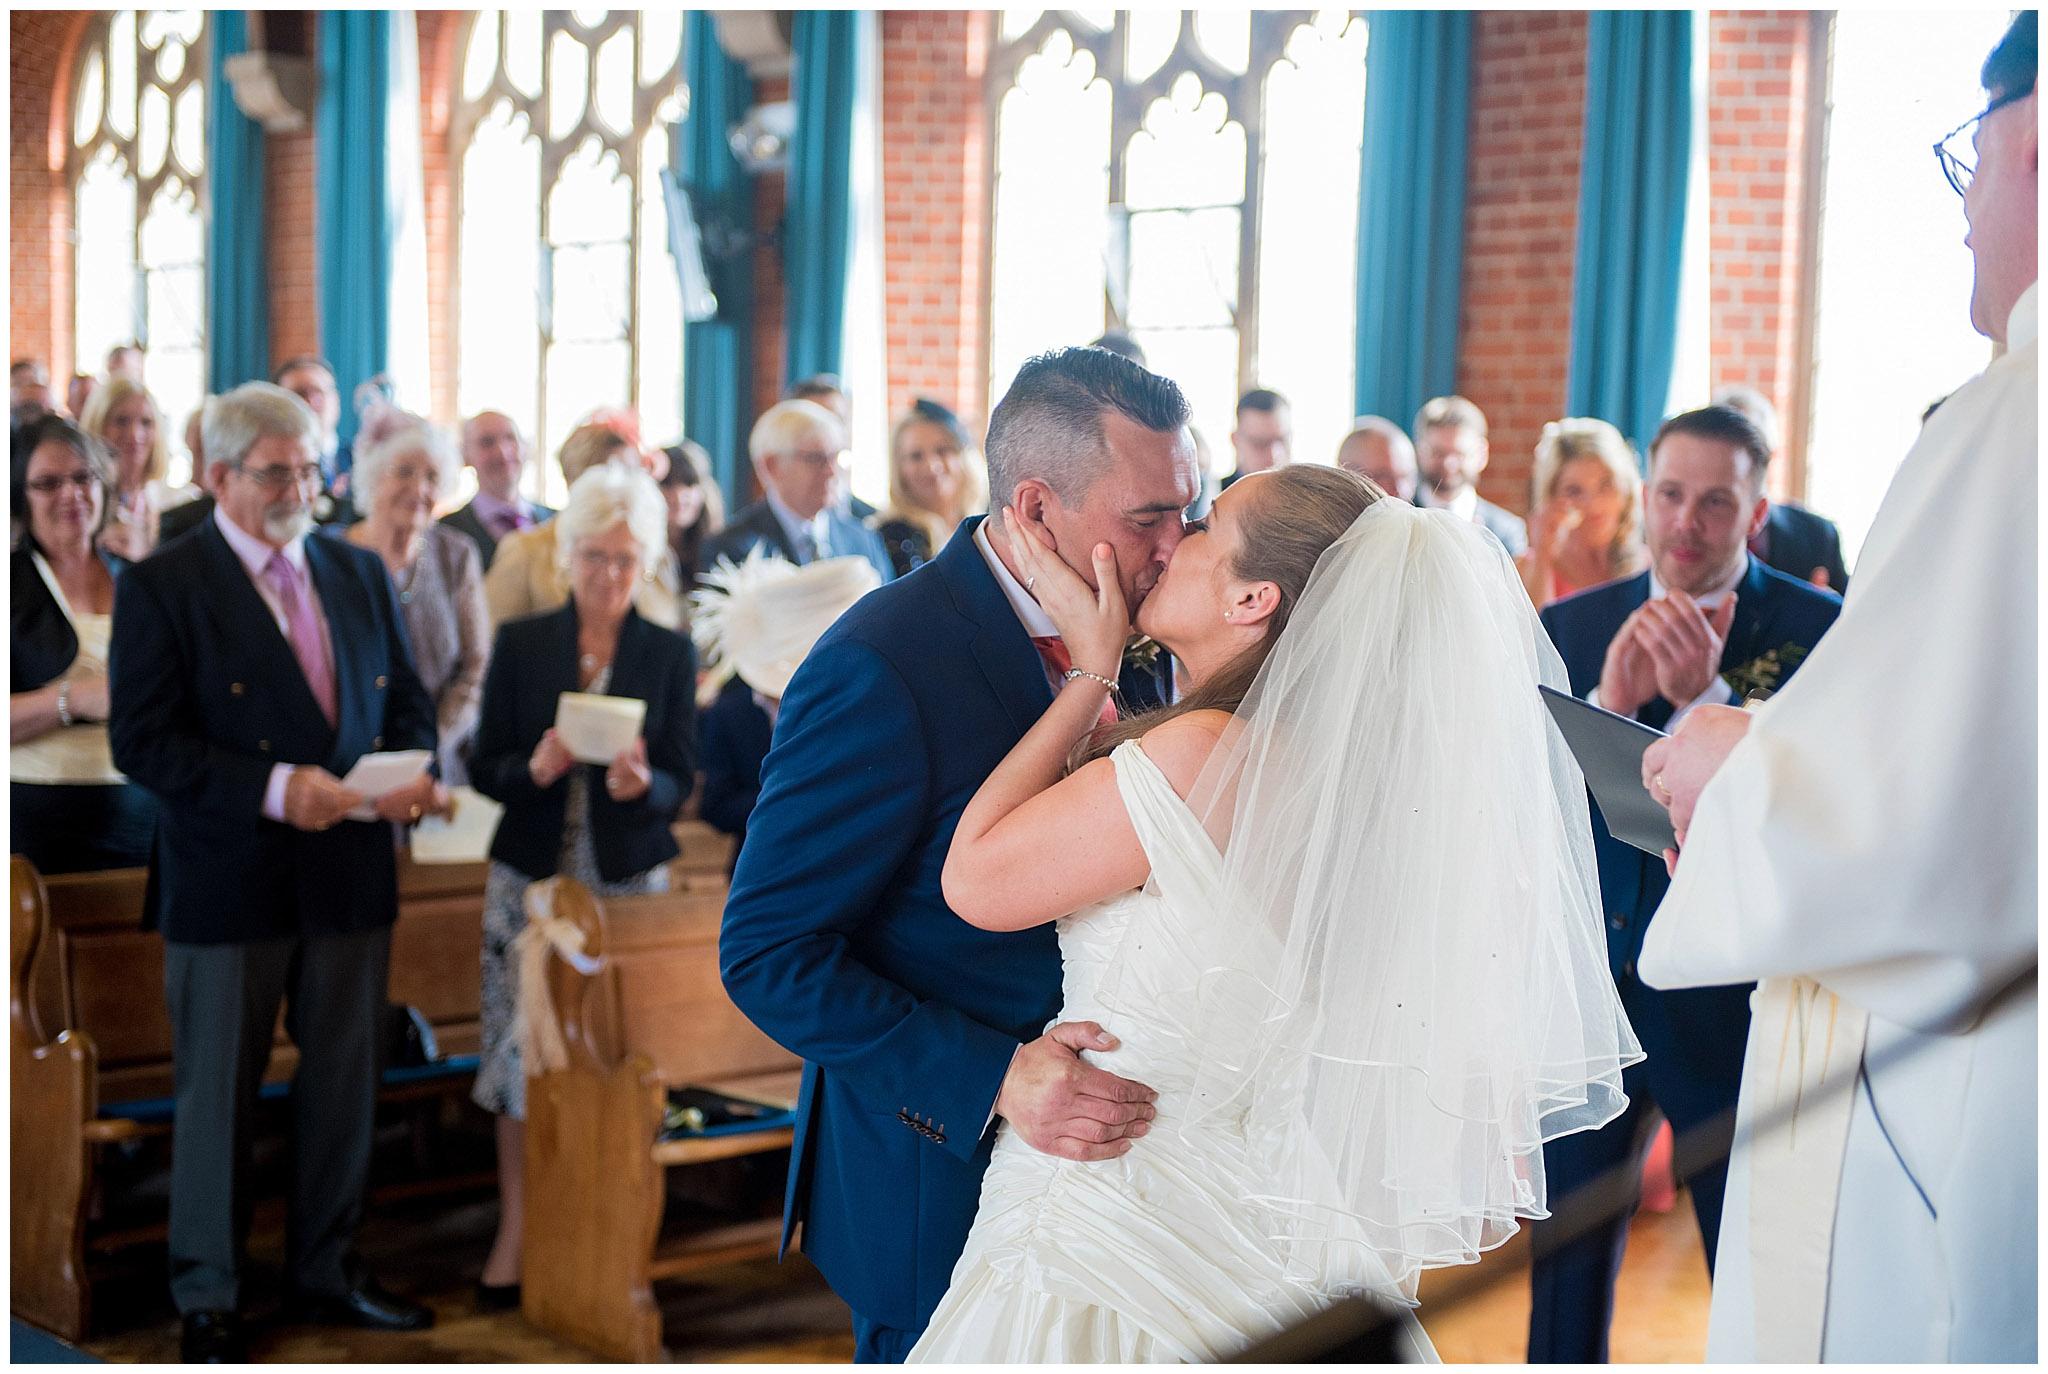 Katie-&-Steve-Victoria-Park-Methodist-Chruch-Winton-&-The-Manor-Burton-Christchurch-Wedding-26